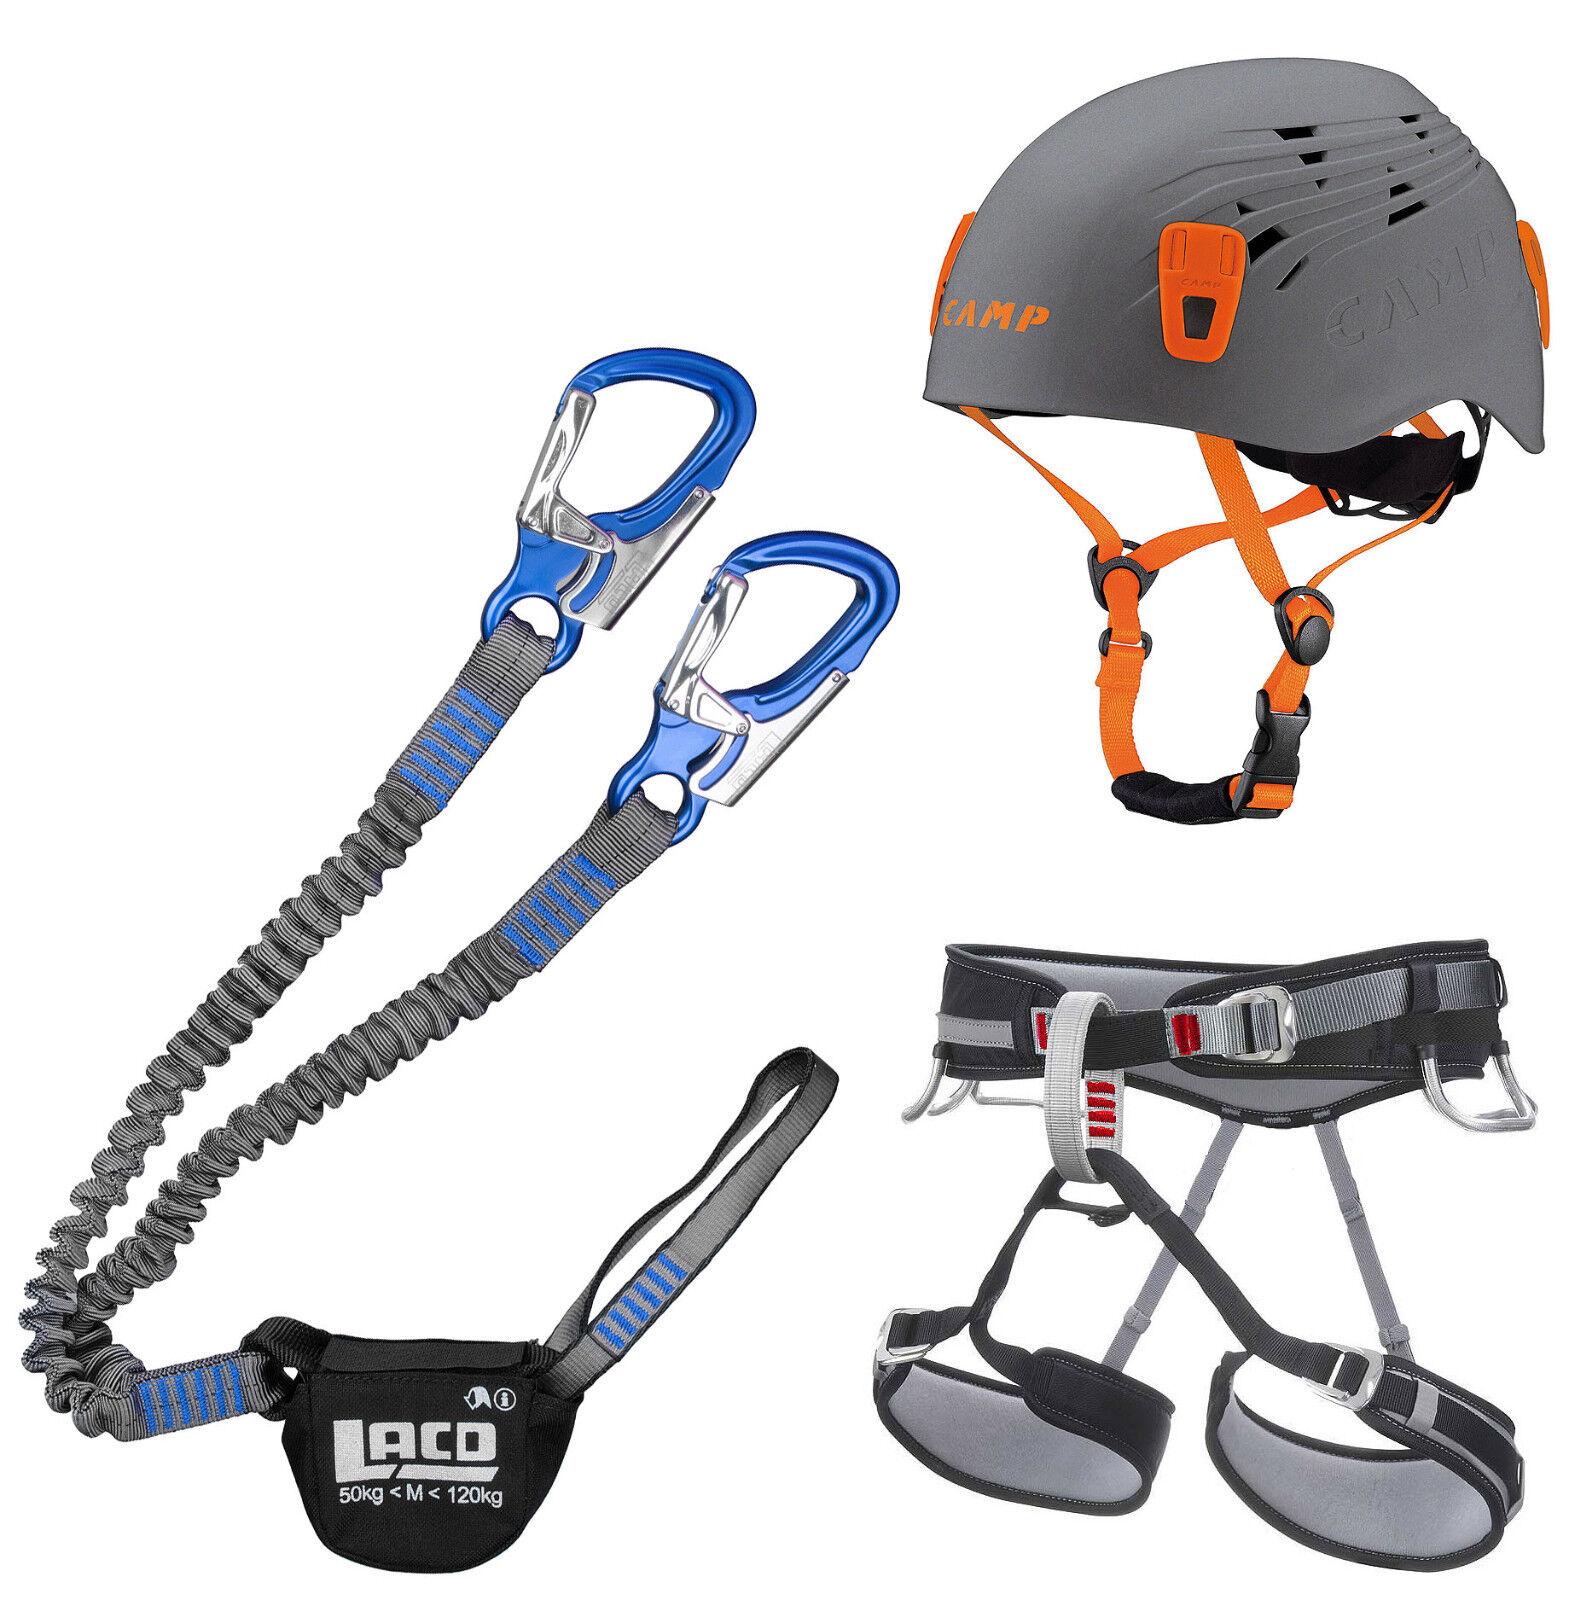 Klettersteigset LACD Pro Evo Blau + Gurt Start + Helm Camp Titan grau 48-56cm  | Die Qualität Und Die Verbraucher Zunächst